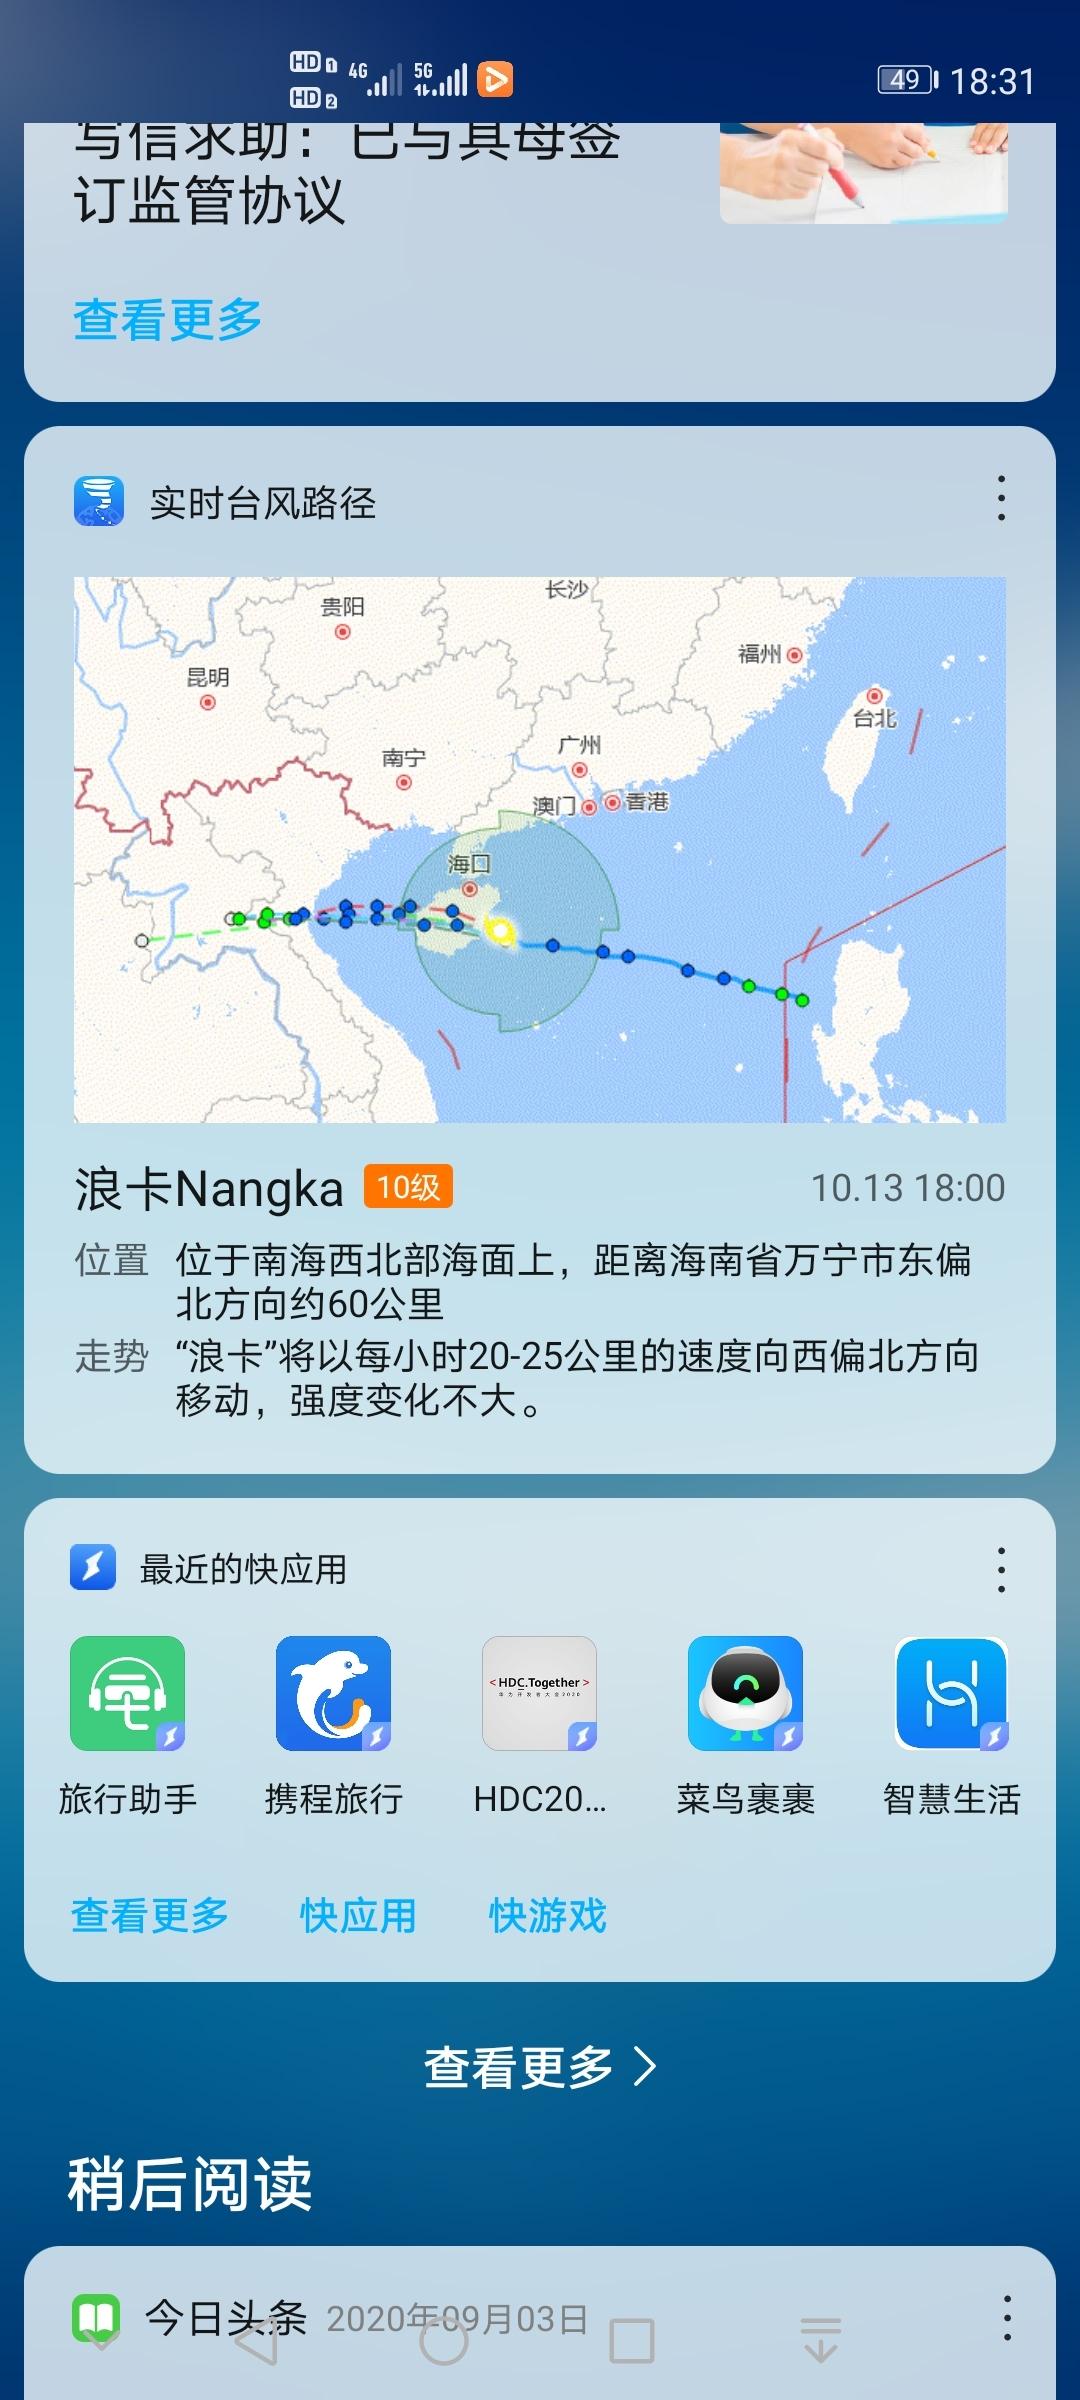 Screenshot_20201013_183126_com.huawei.android.launcher.jpg